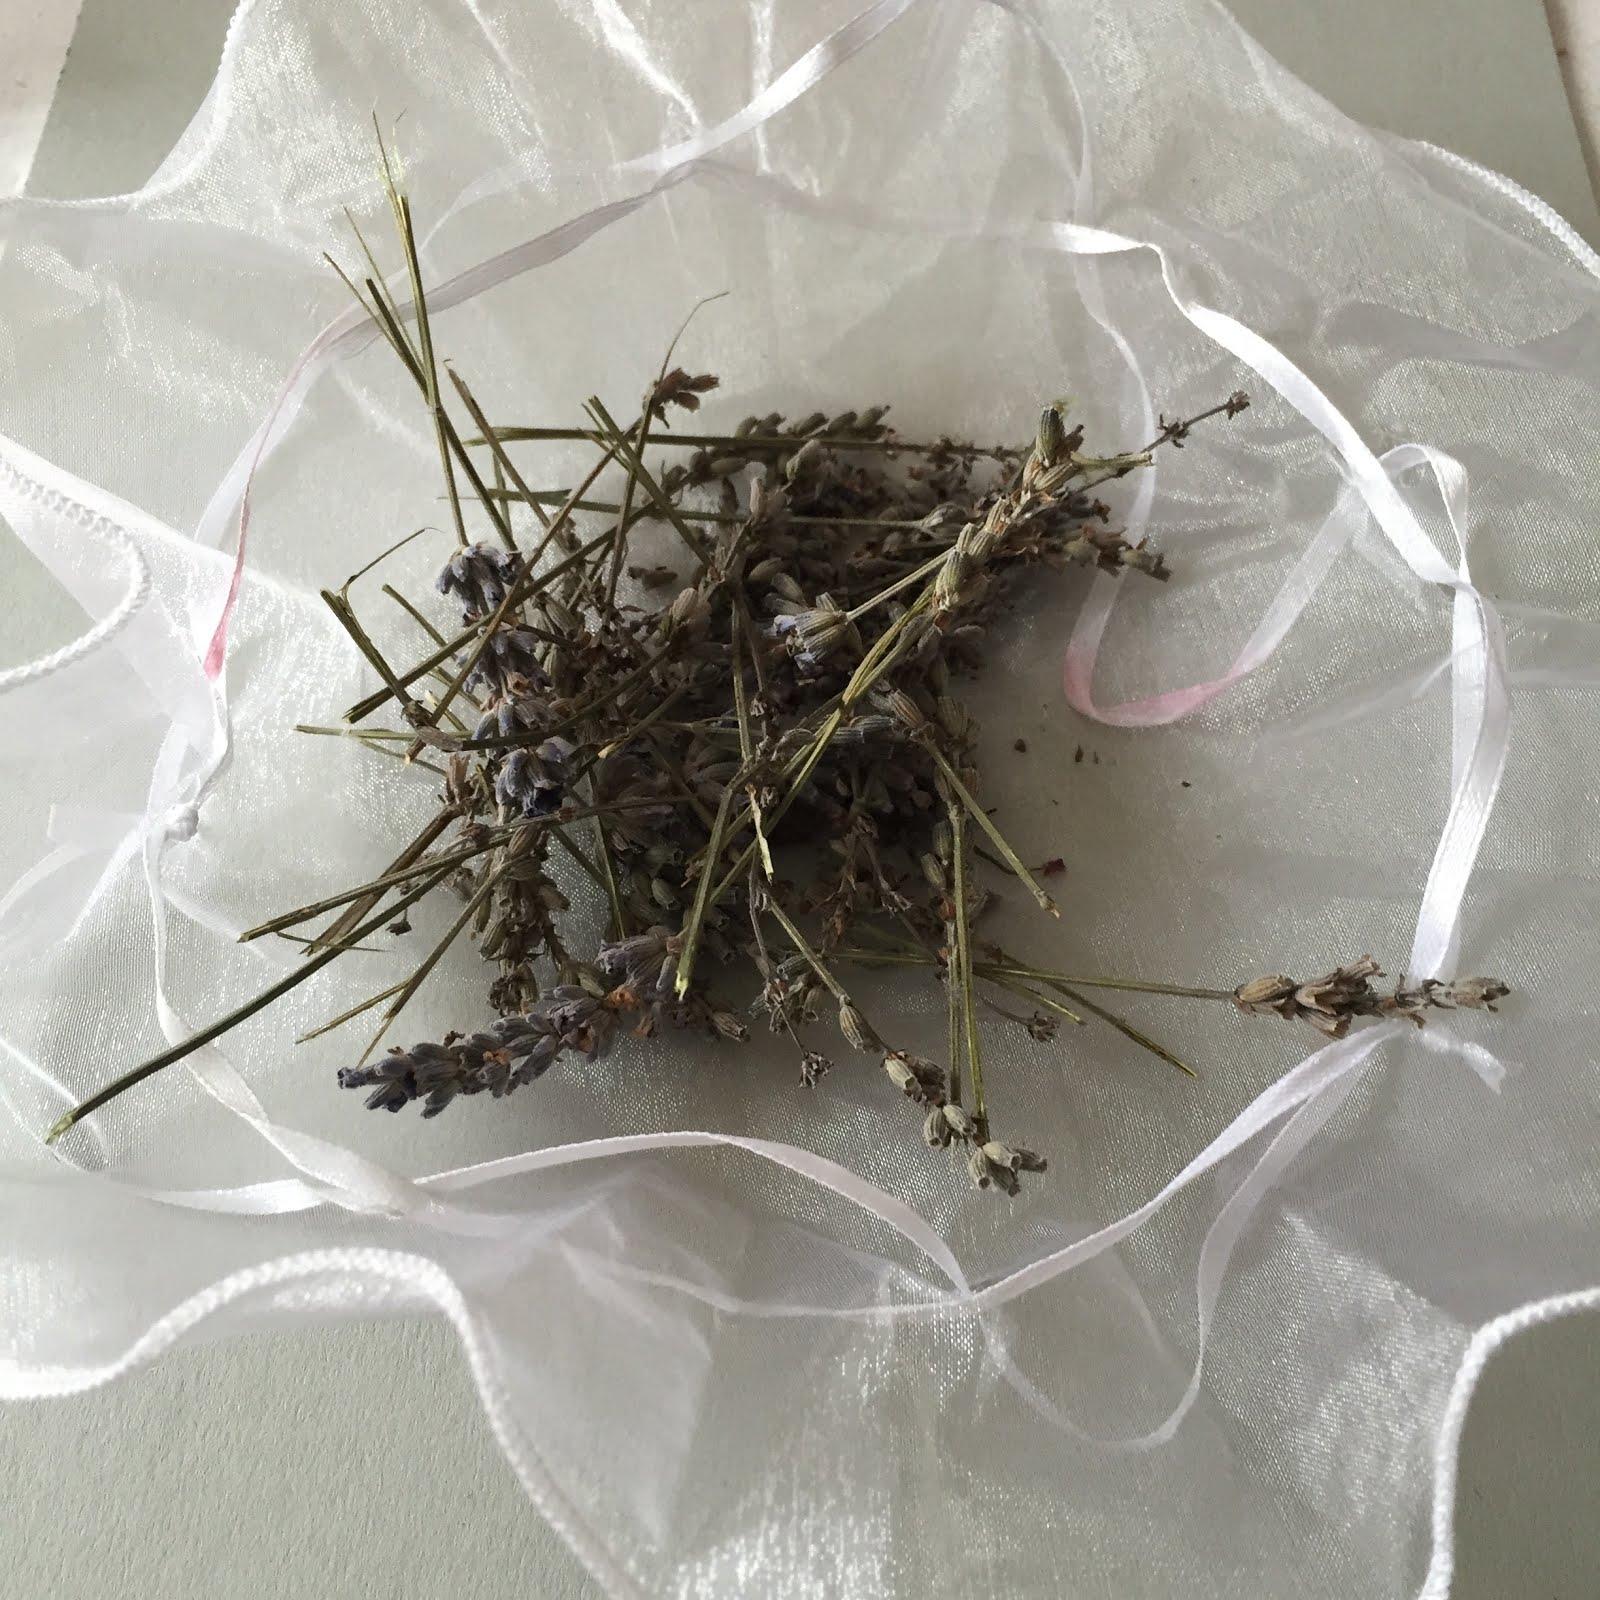 Cr er pour grandir sachet d 39 odeur dans le sapin - Odeur de sapin dans la maison ...